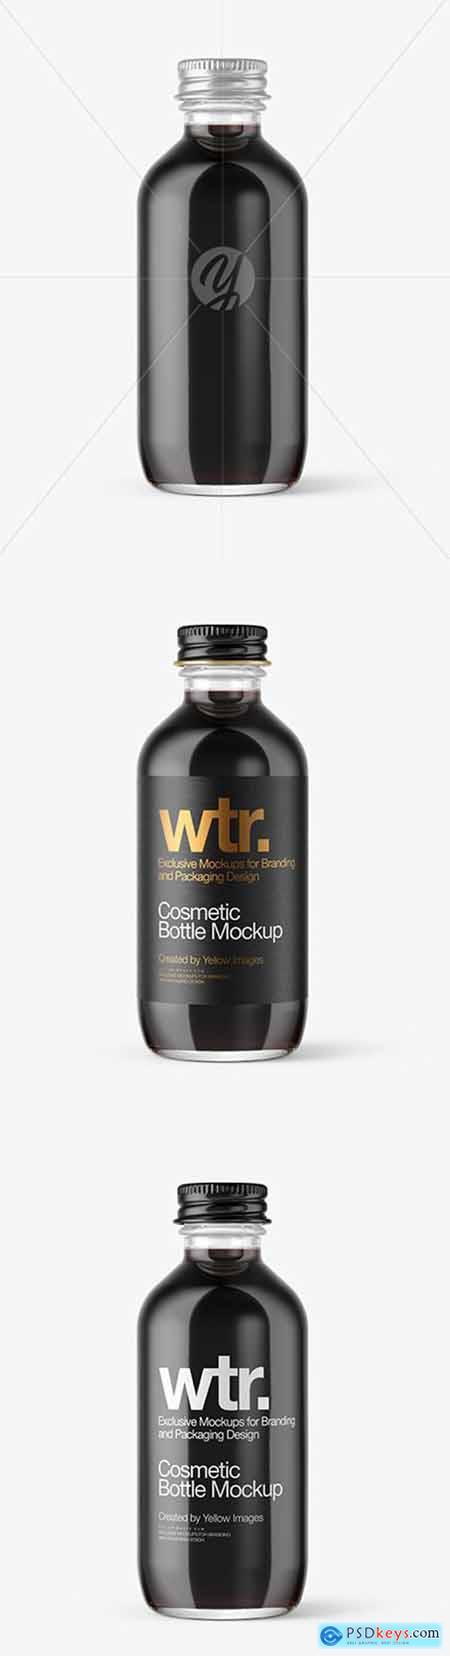 Glass Cosmetic Bottle Mockup 51870